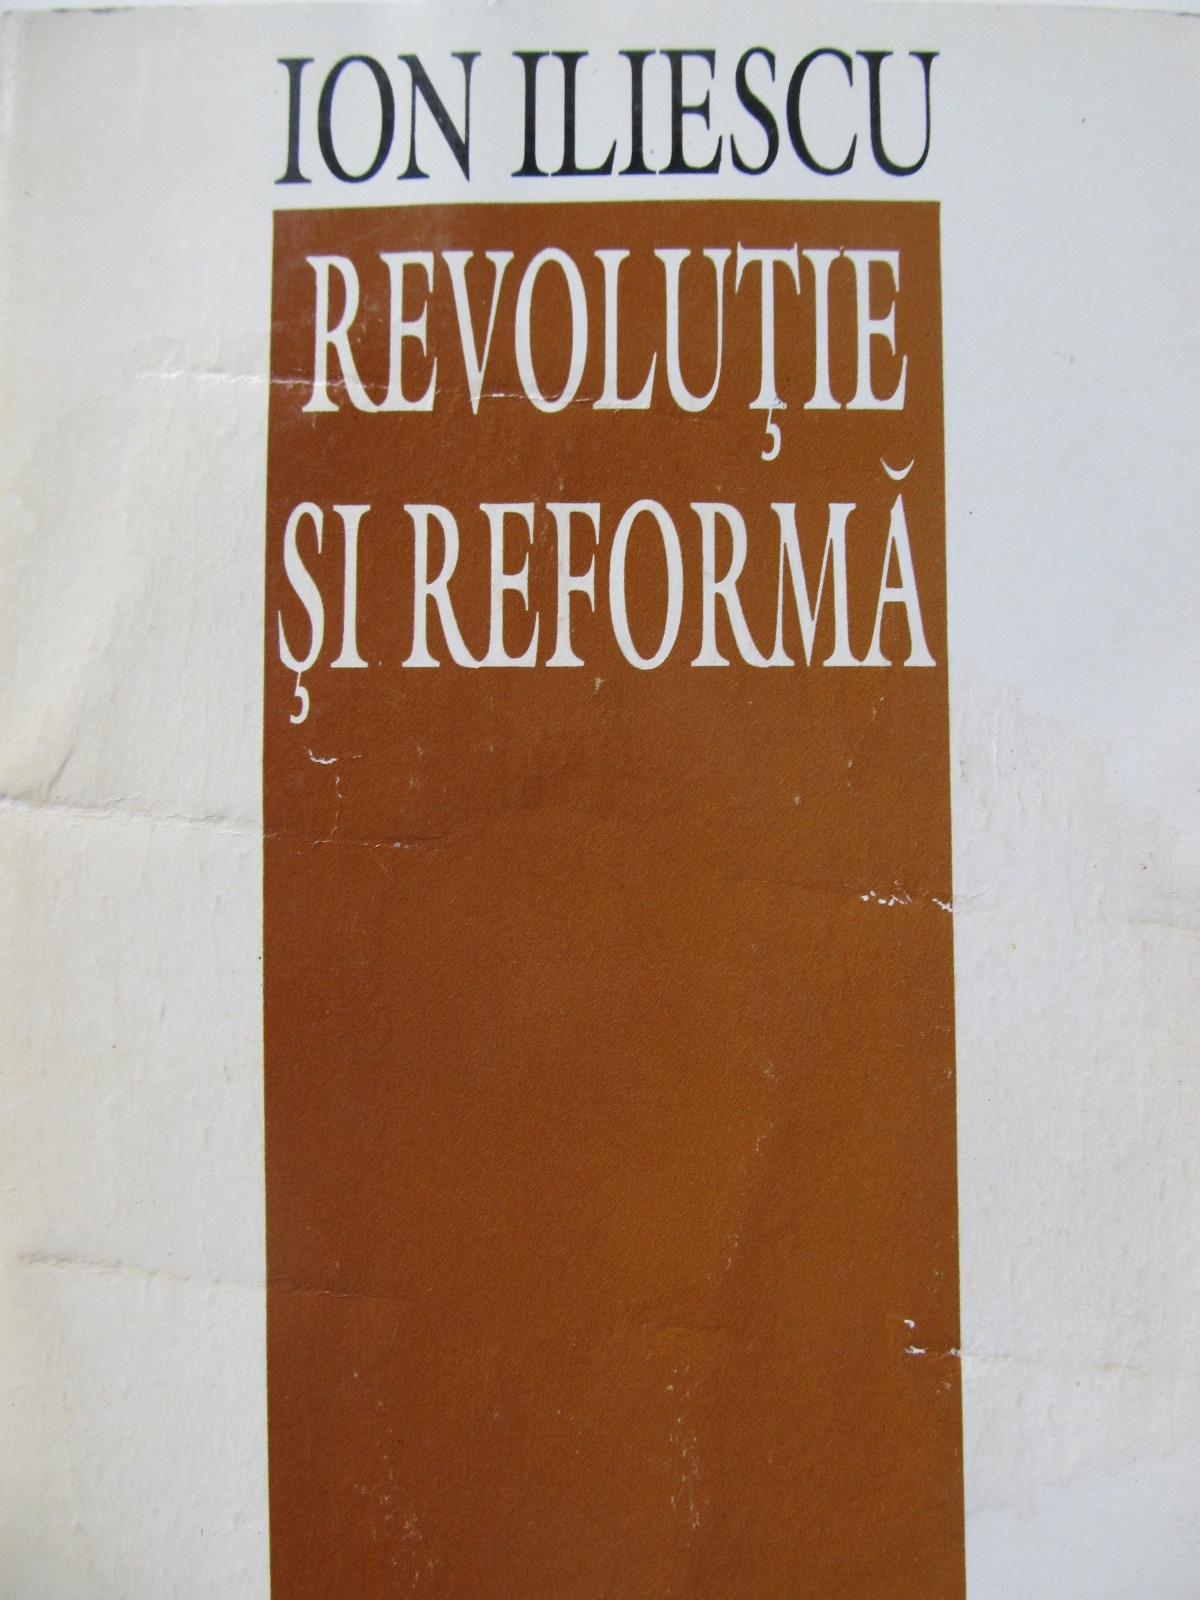 Revolutie si reforma - Ion Iliescu | Detalii carte